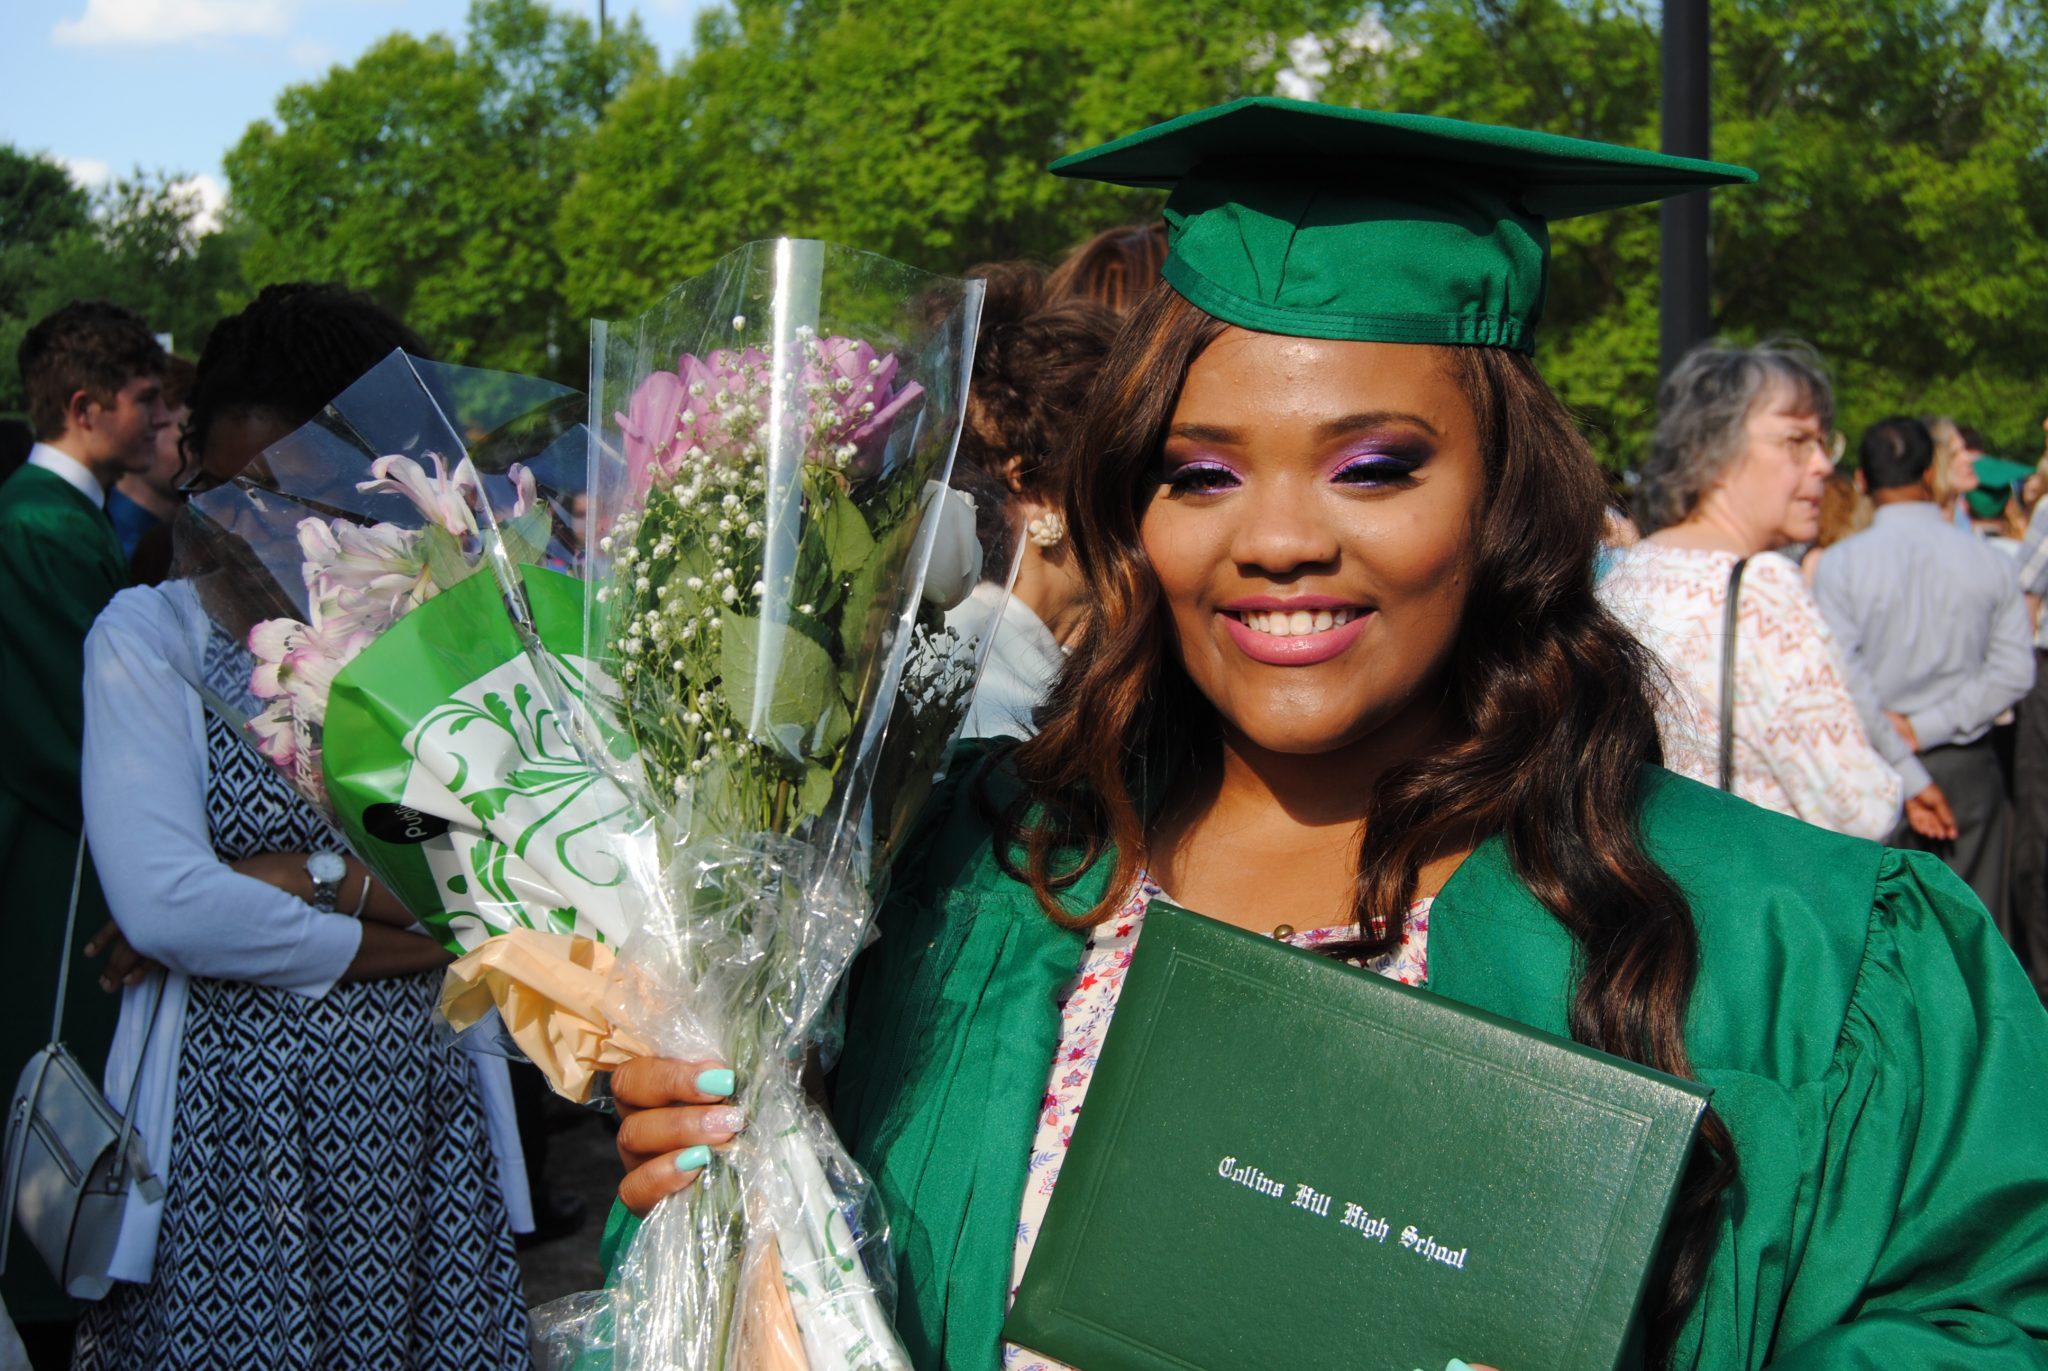 Dootie Graduates! #Classof2015